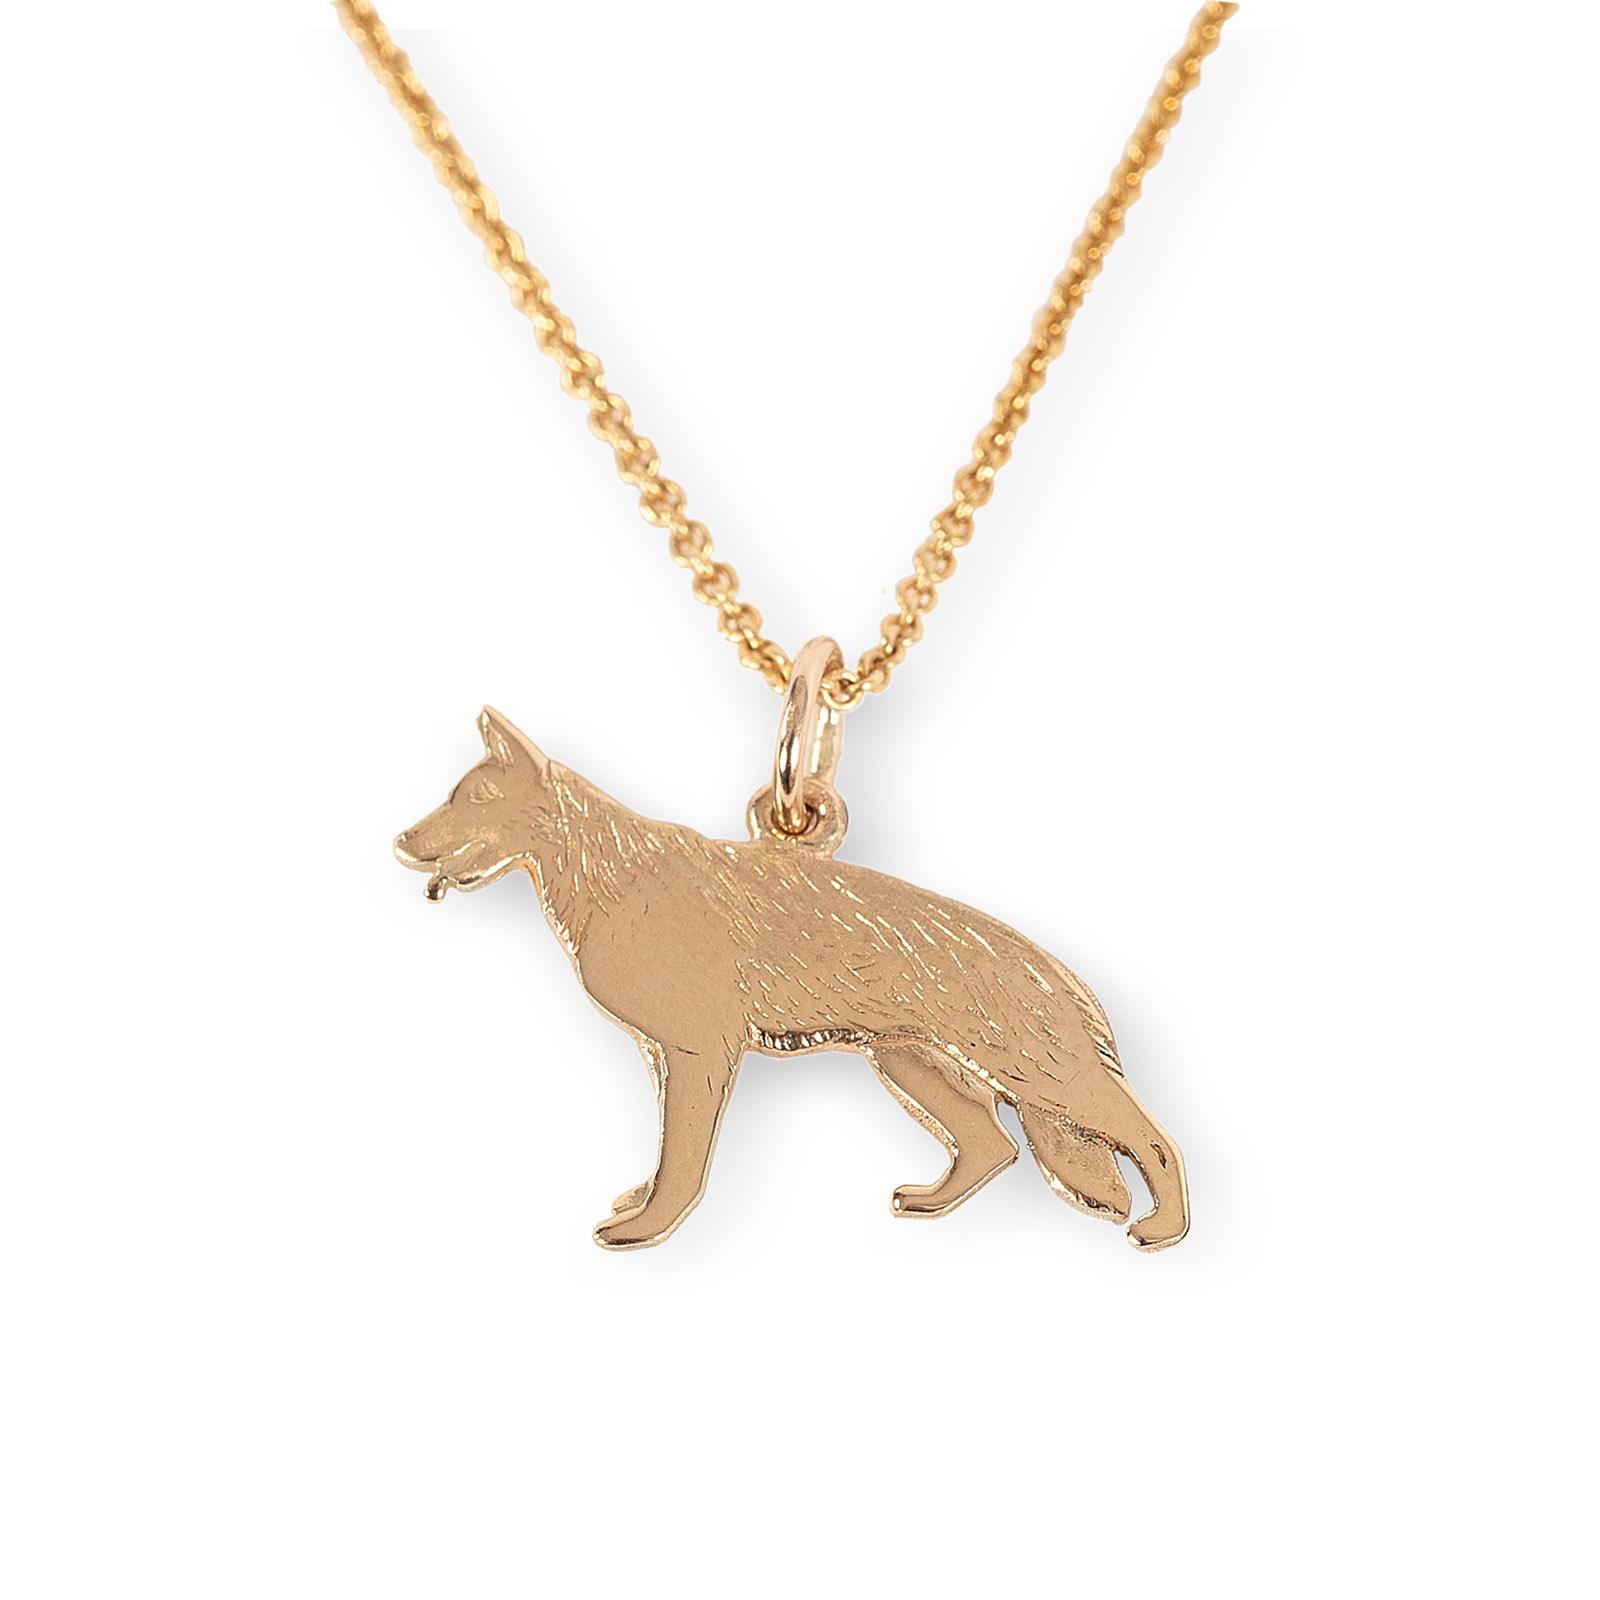 Mestergull Schäferhund anhneg i gult gull - Disse Schäferfund smykkene er designet på eget verksted. De blir støpt for oss, og ferdigstilles på eget verksted. De kan kjøpes i vår butikk eller i vår nettbutikk. EGET MERKE Anheng